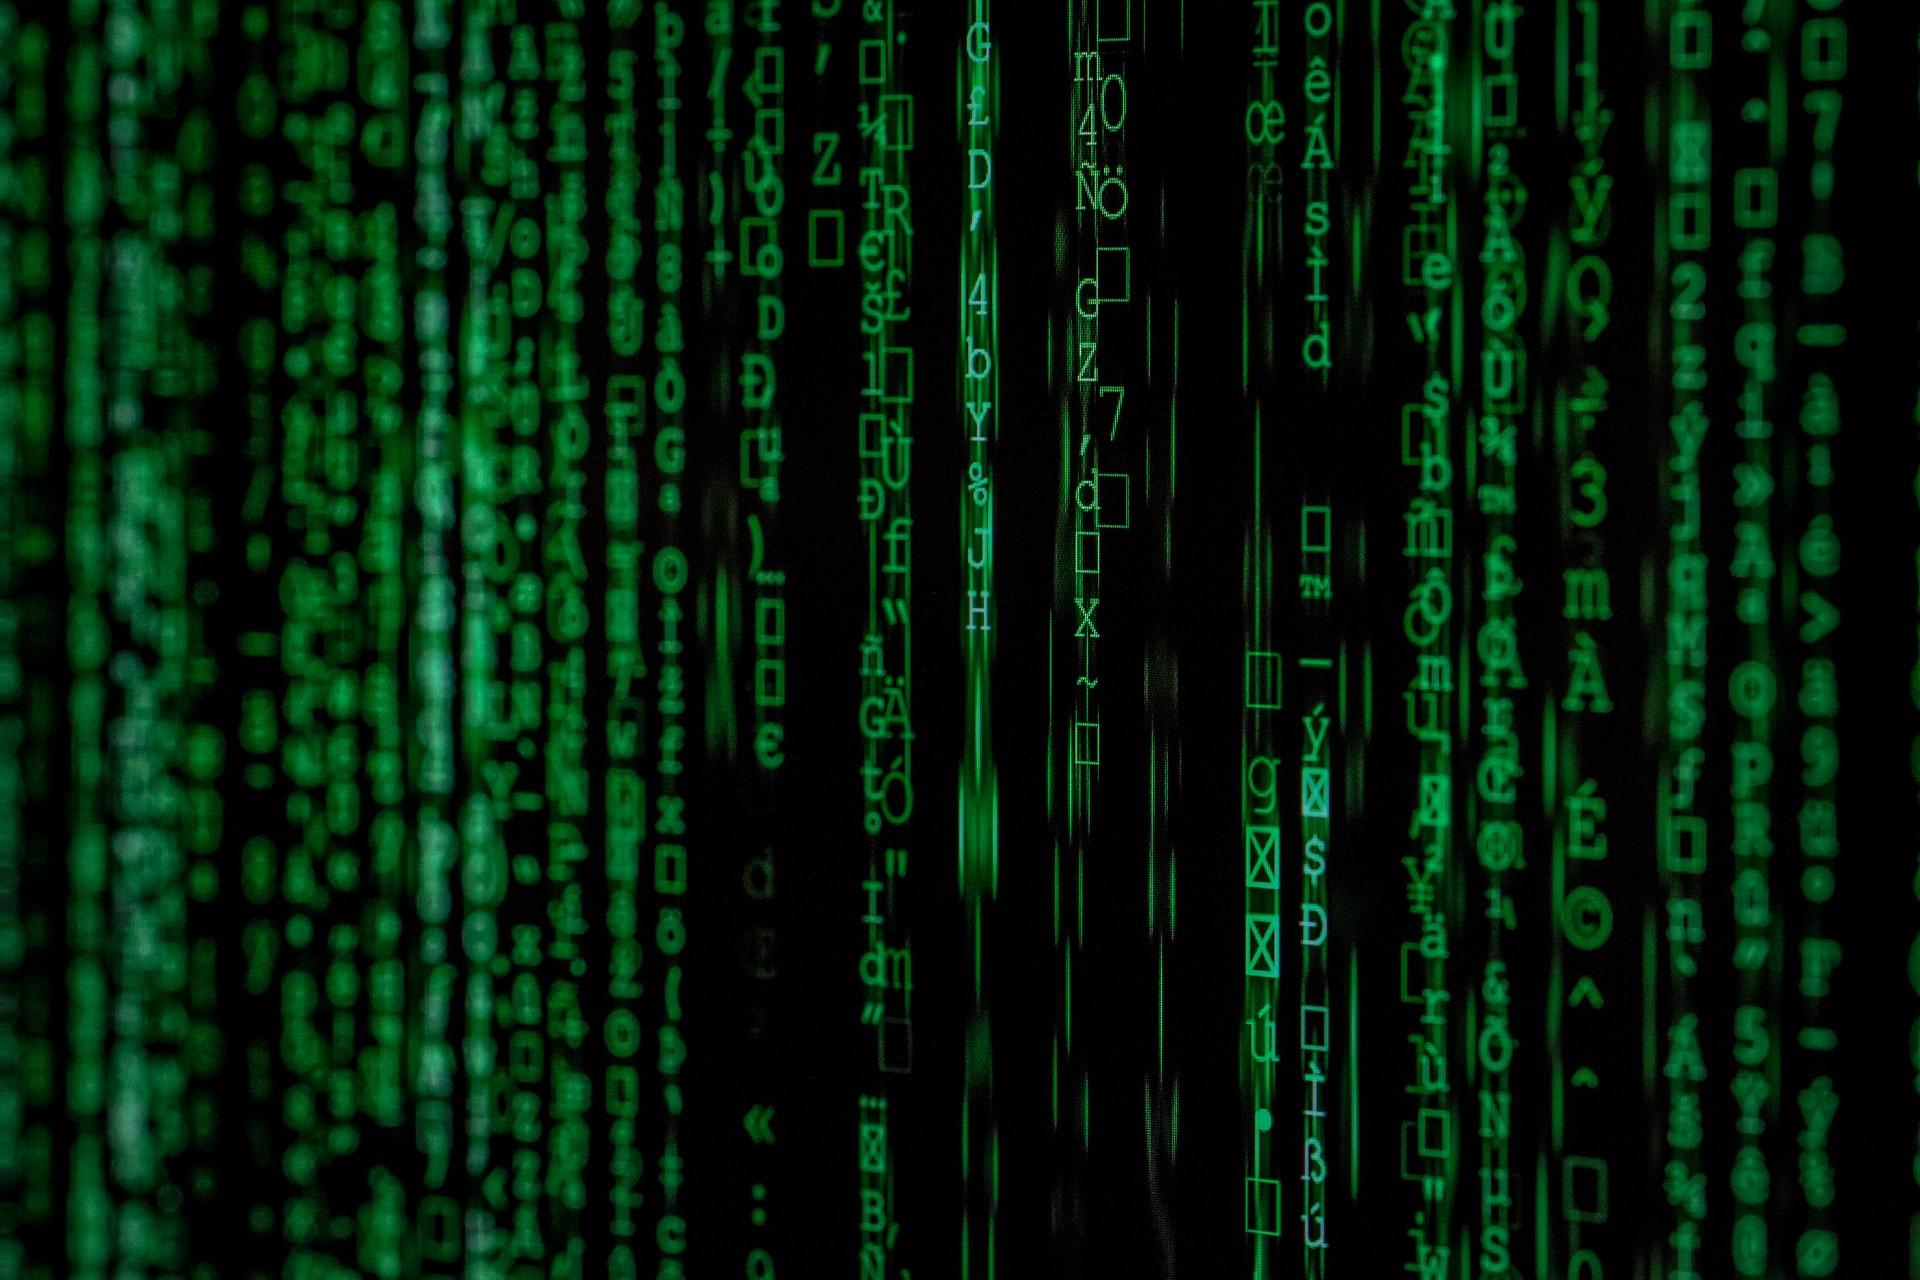 Empire Market, el paraíso de las drogas en la Dark Web, ha desaparecido misteriosamente